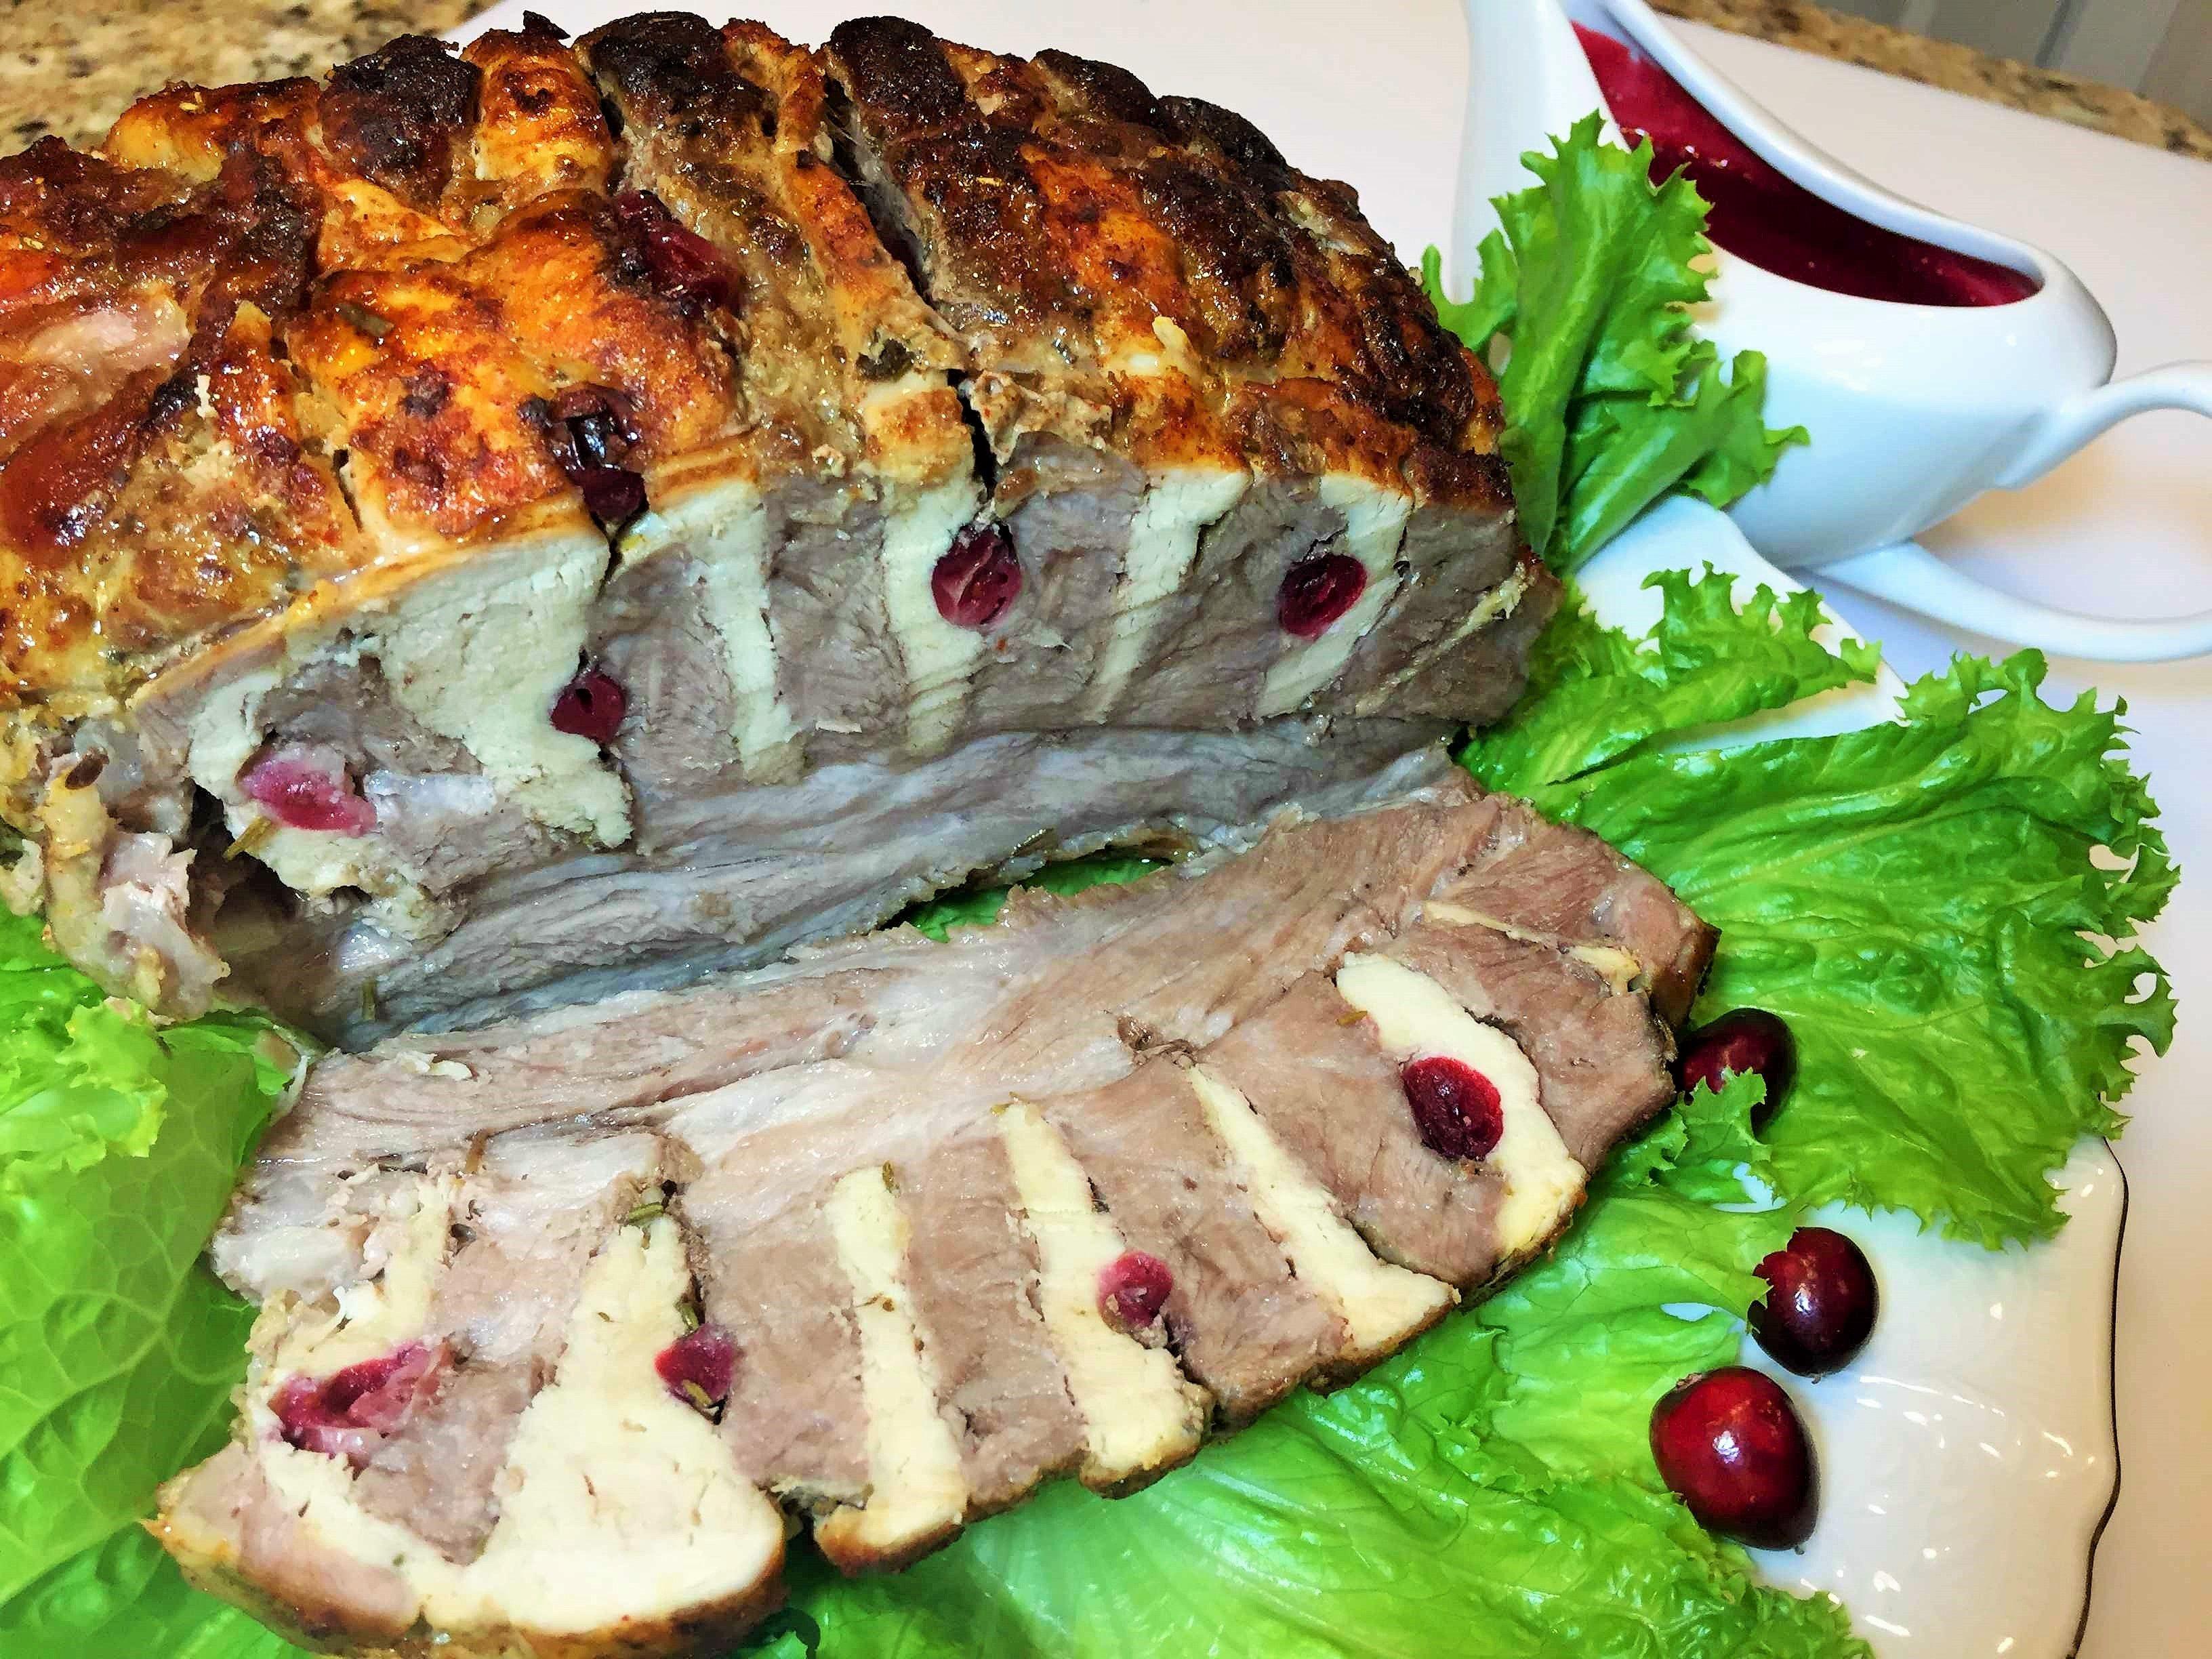 необычные мясные блюда с фото следующая